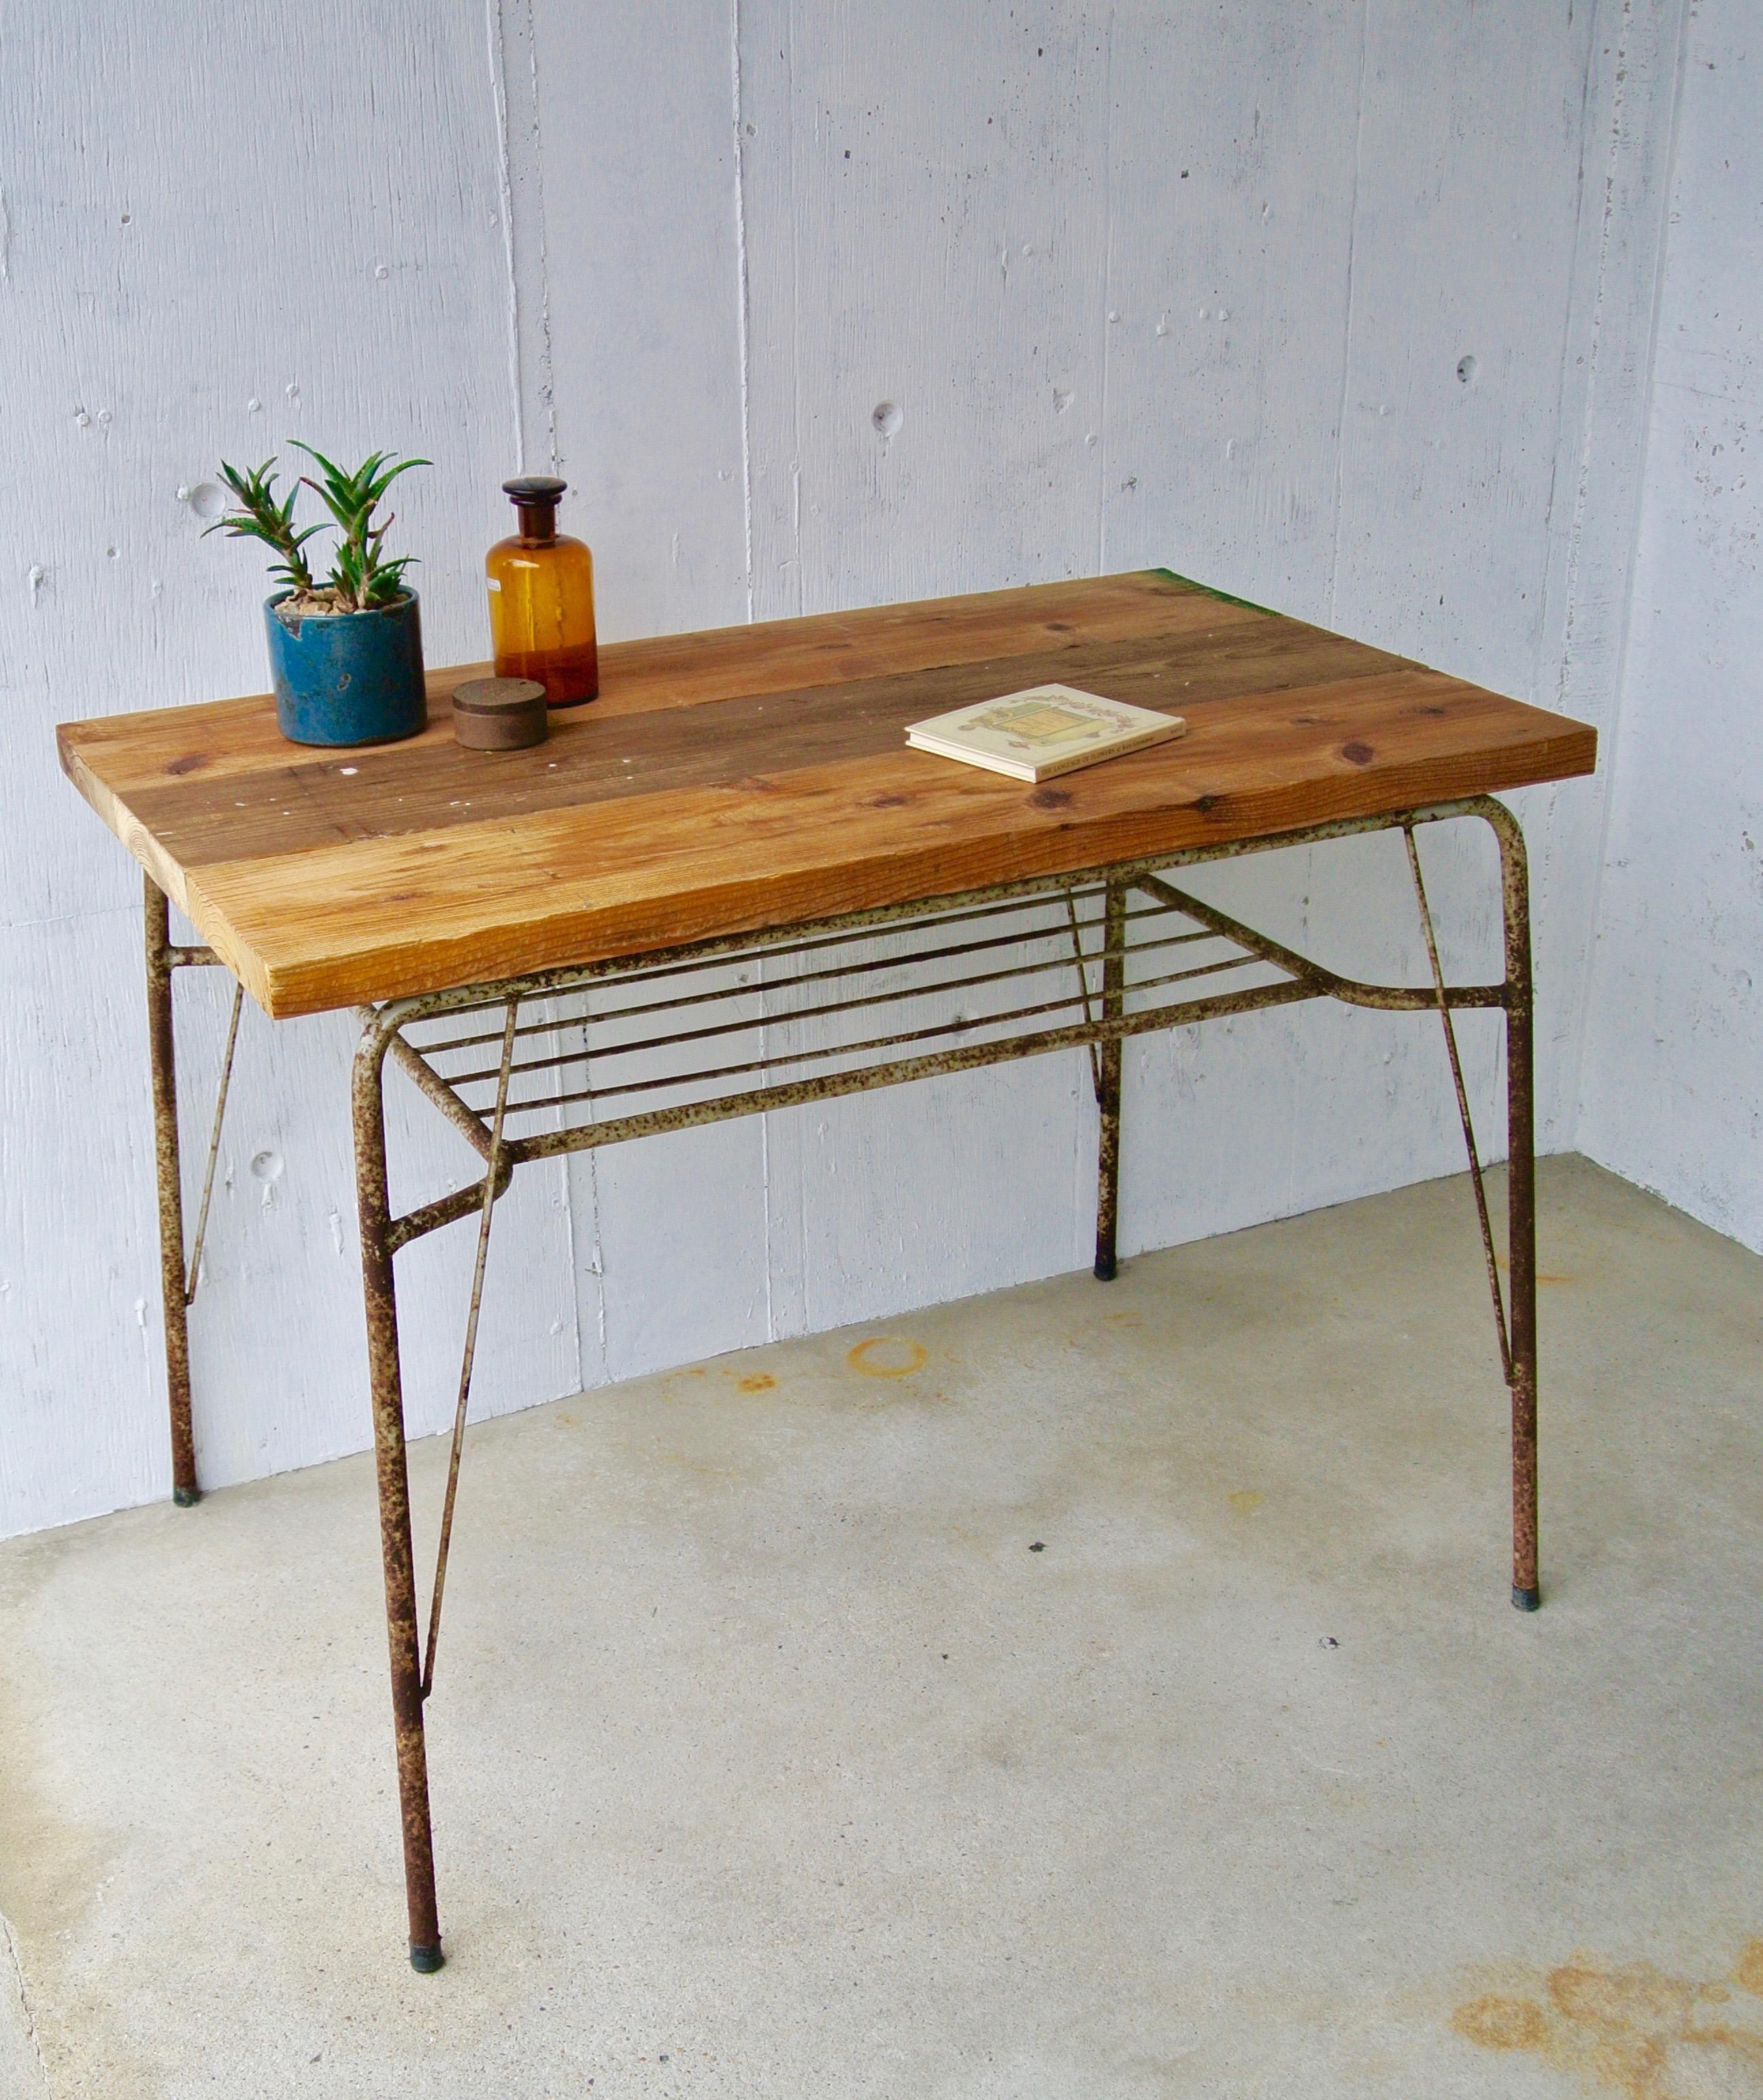 古材板×グレーサビ脚のテーブル[オリジナルリメイク]